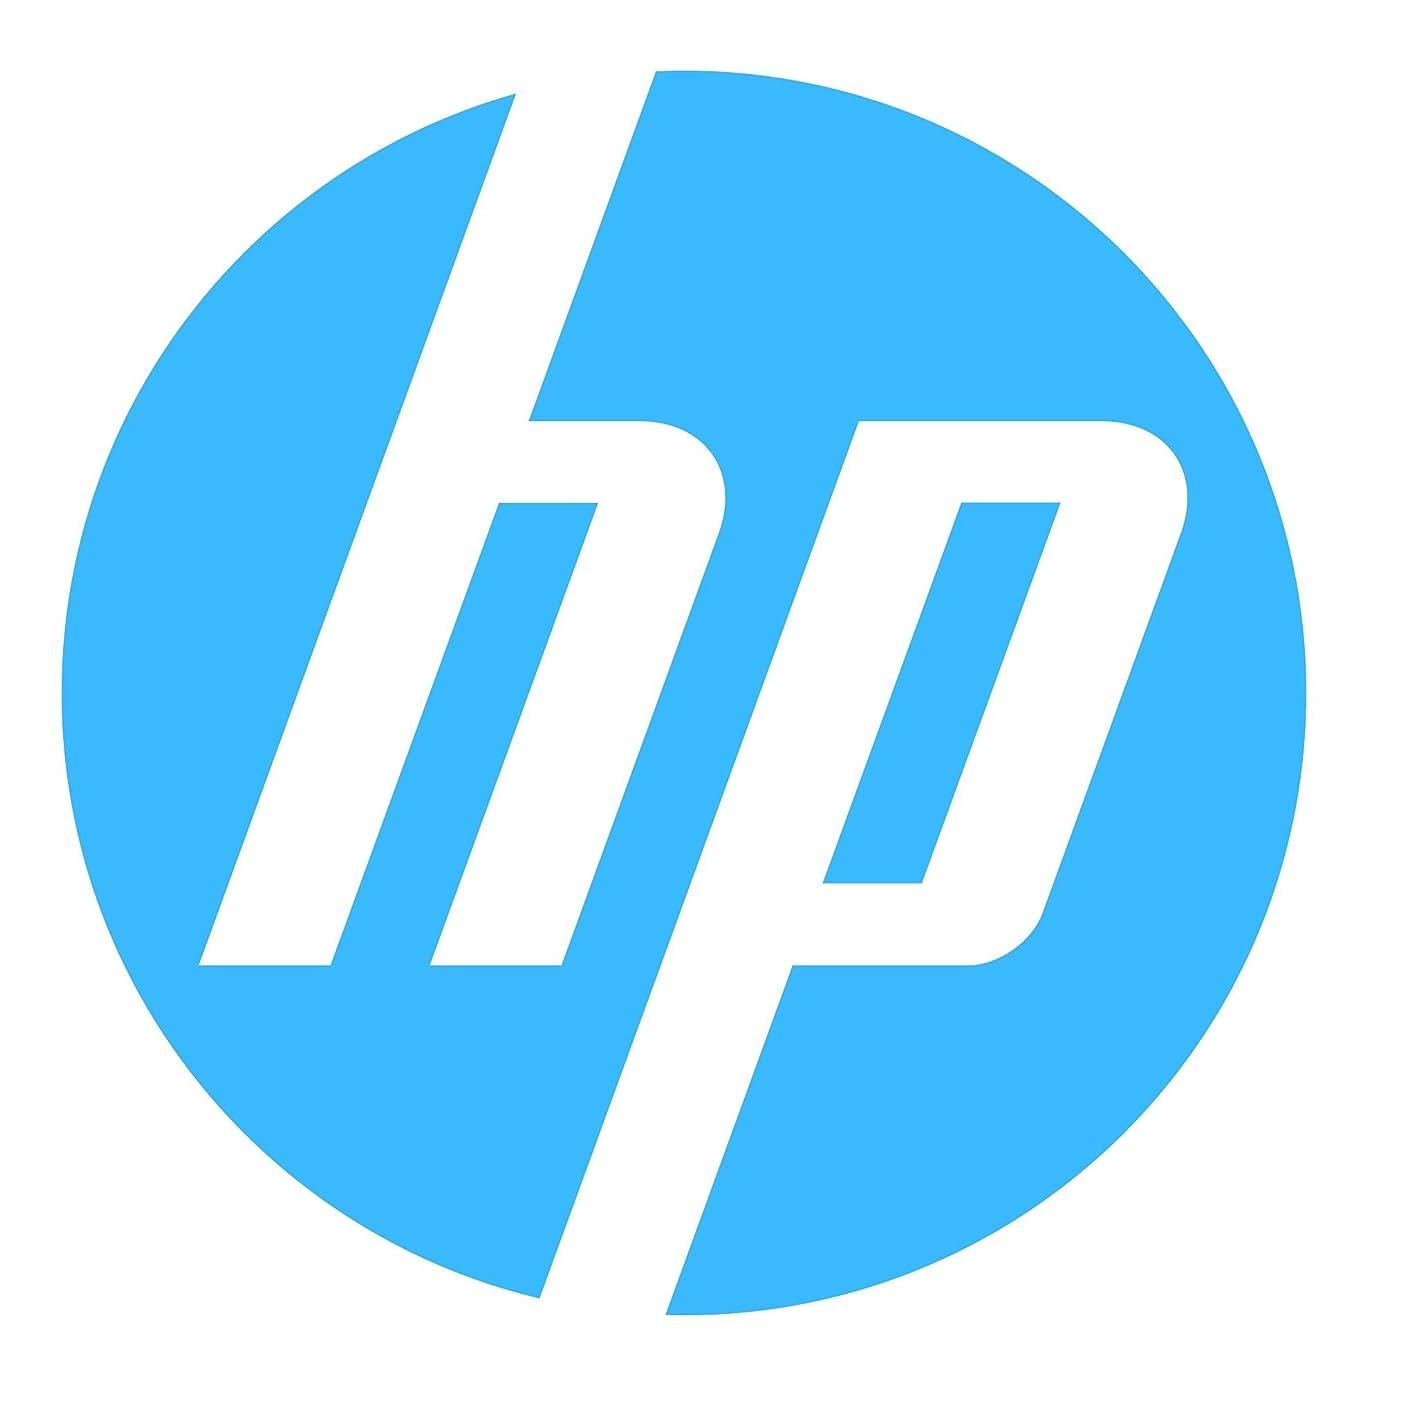 HP AK344B 8GB 1ポート ファイバーチャネル HBA (リニュー)